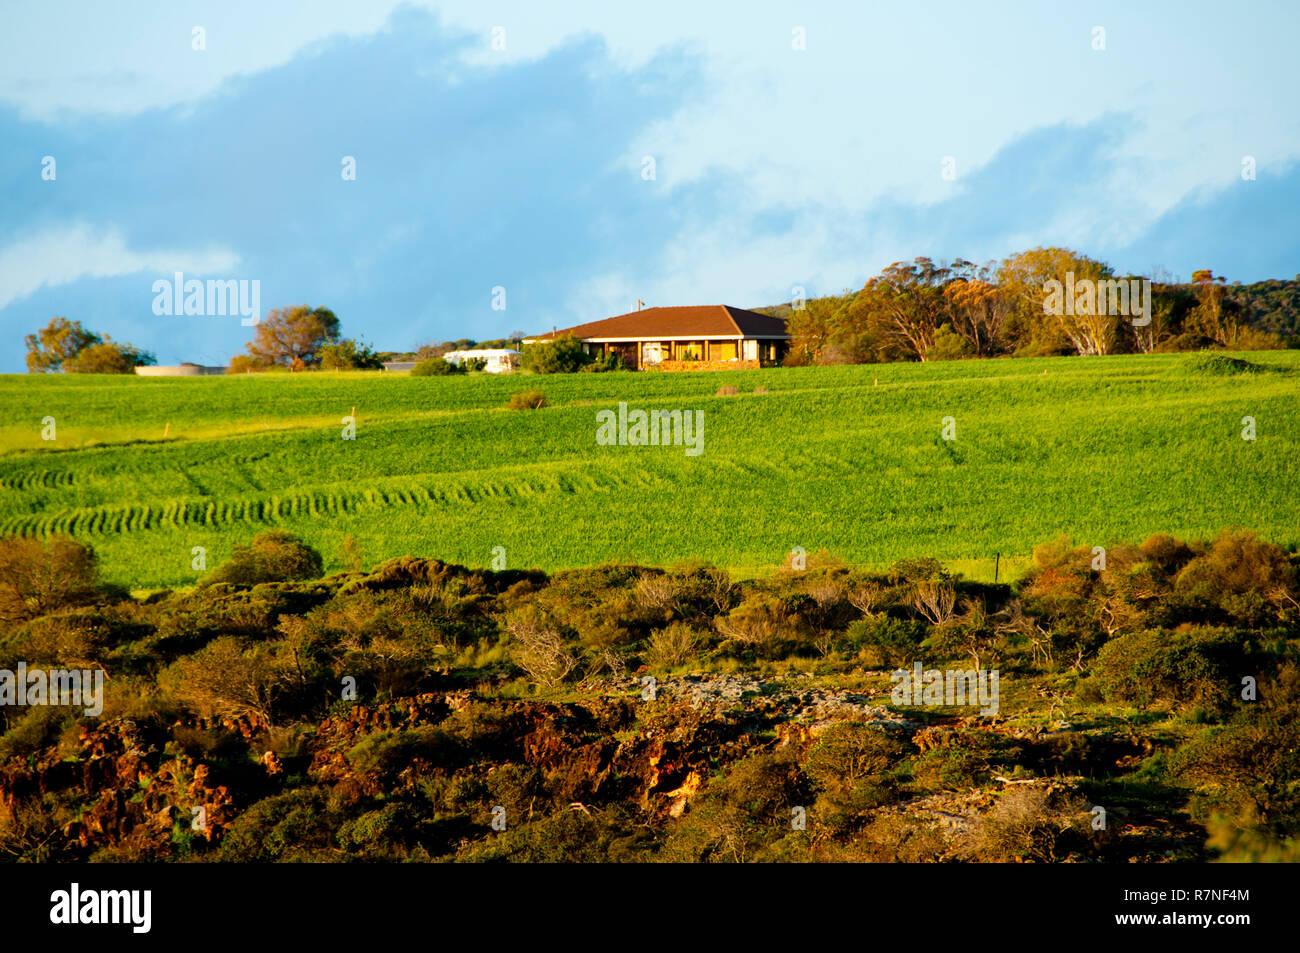 Wheat Field in Mid West - Western Australia - Stock Image